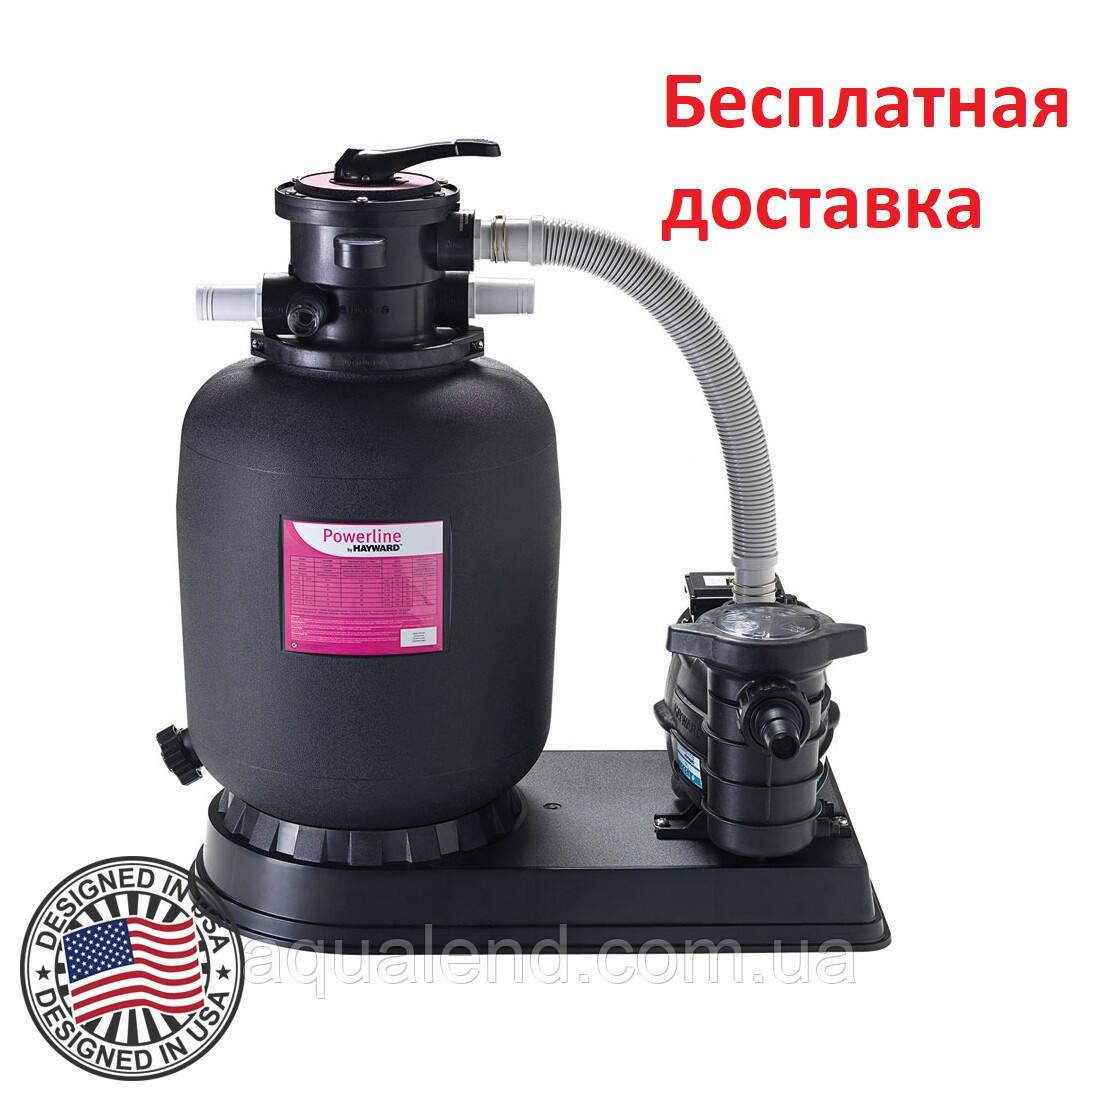 Песочная фильтрационная установка Hayward PowerLine 81072 (10 м3/ч, D511)